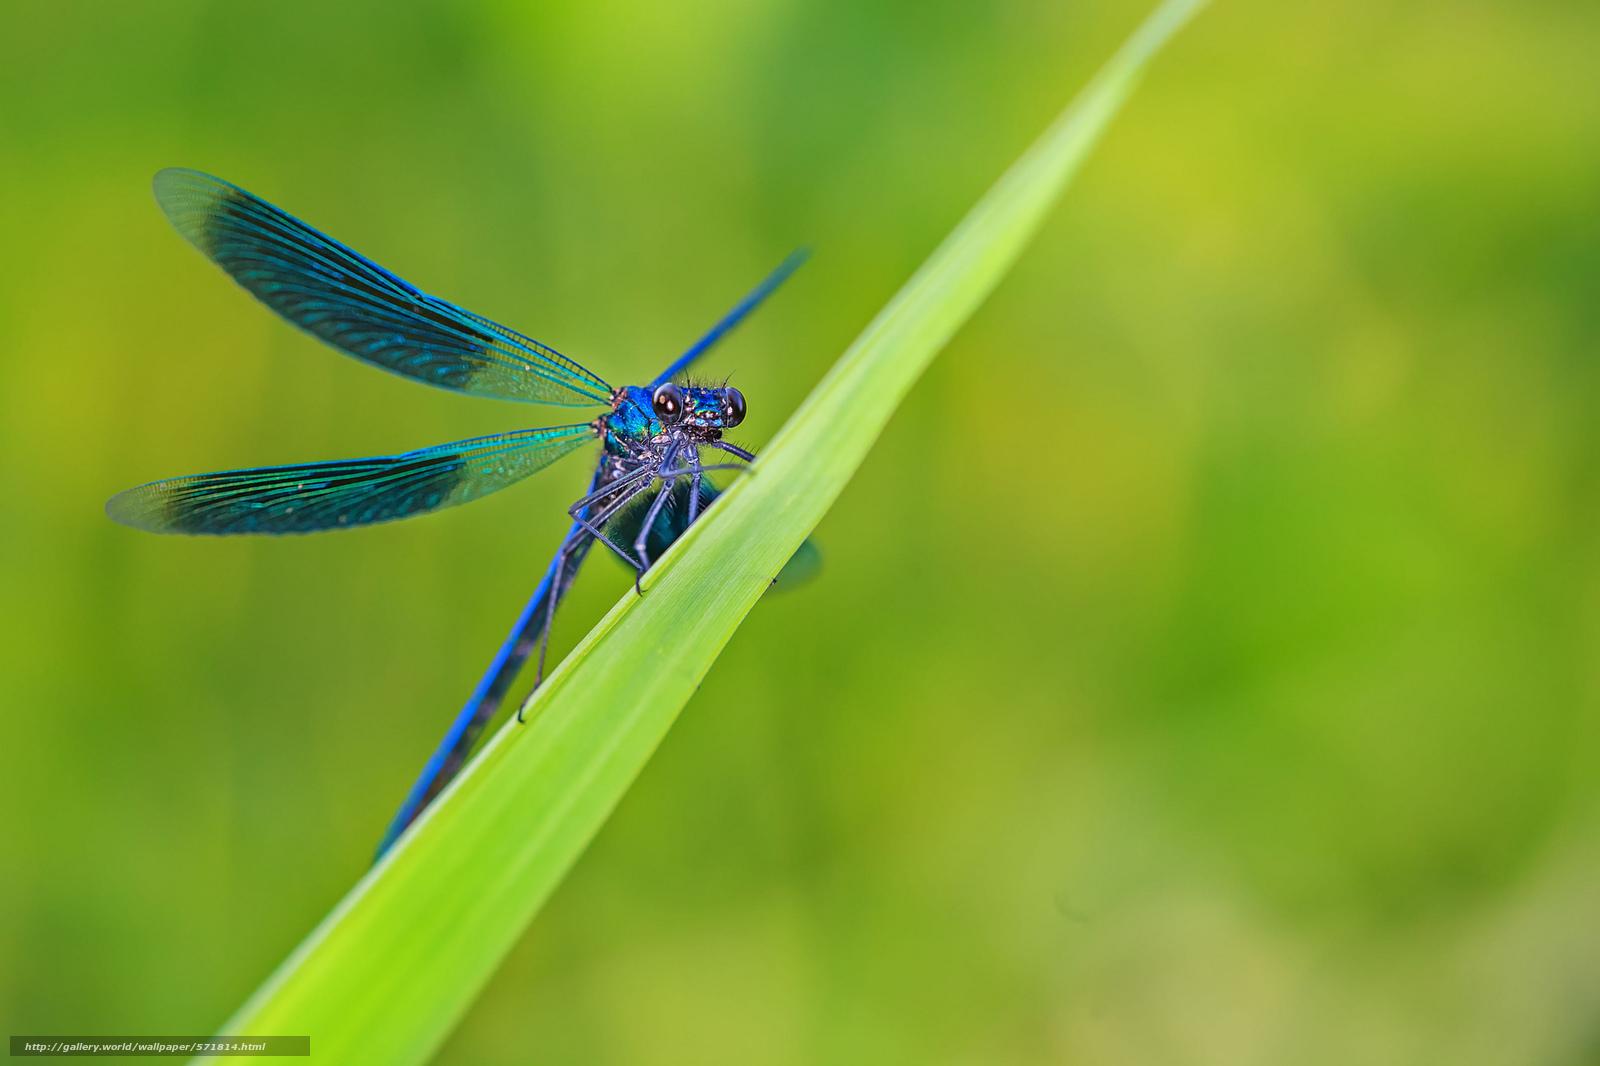 Скачать обои трава,  лист,  стрекоза,  голубая бесплатно для рабочего стола в разрешении 2048x1365 — картинка №571814